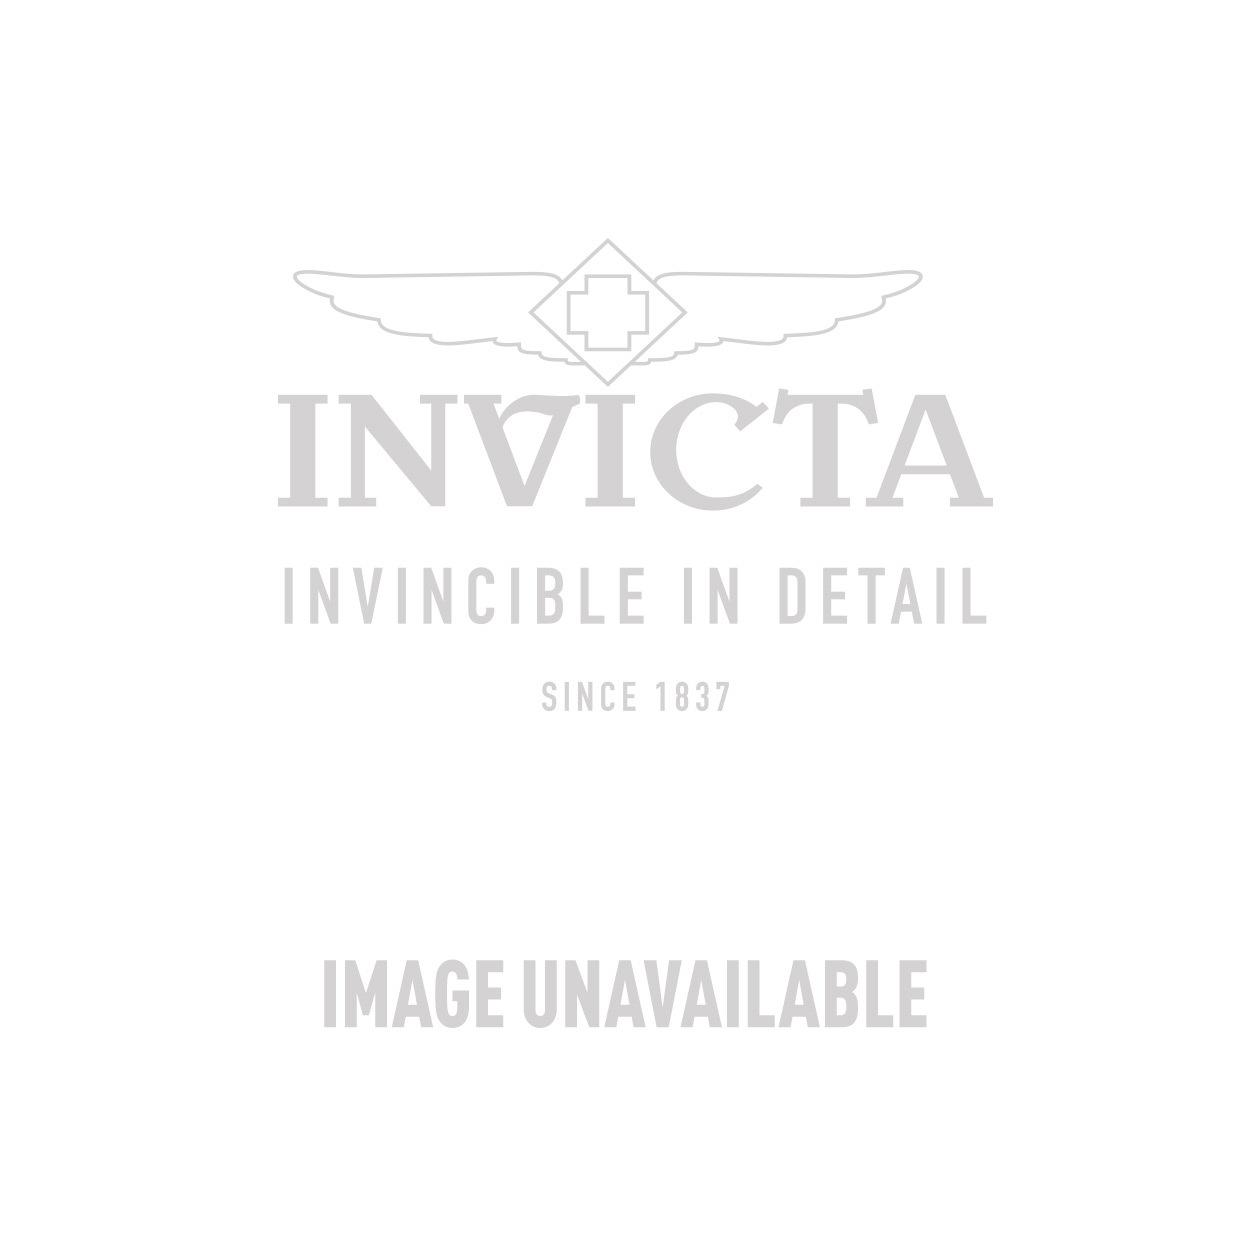 Invicta Model 24993